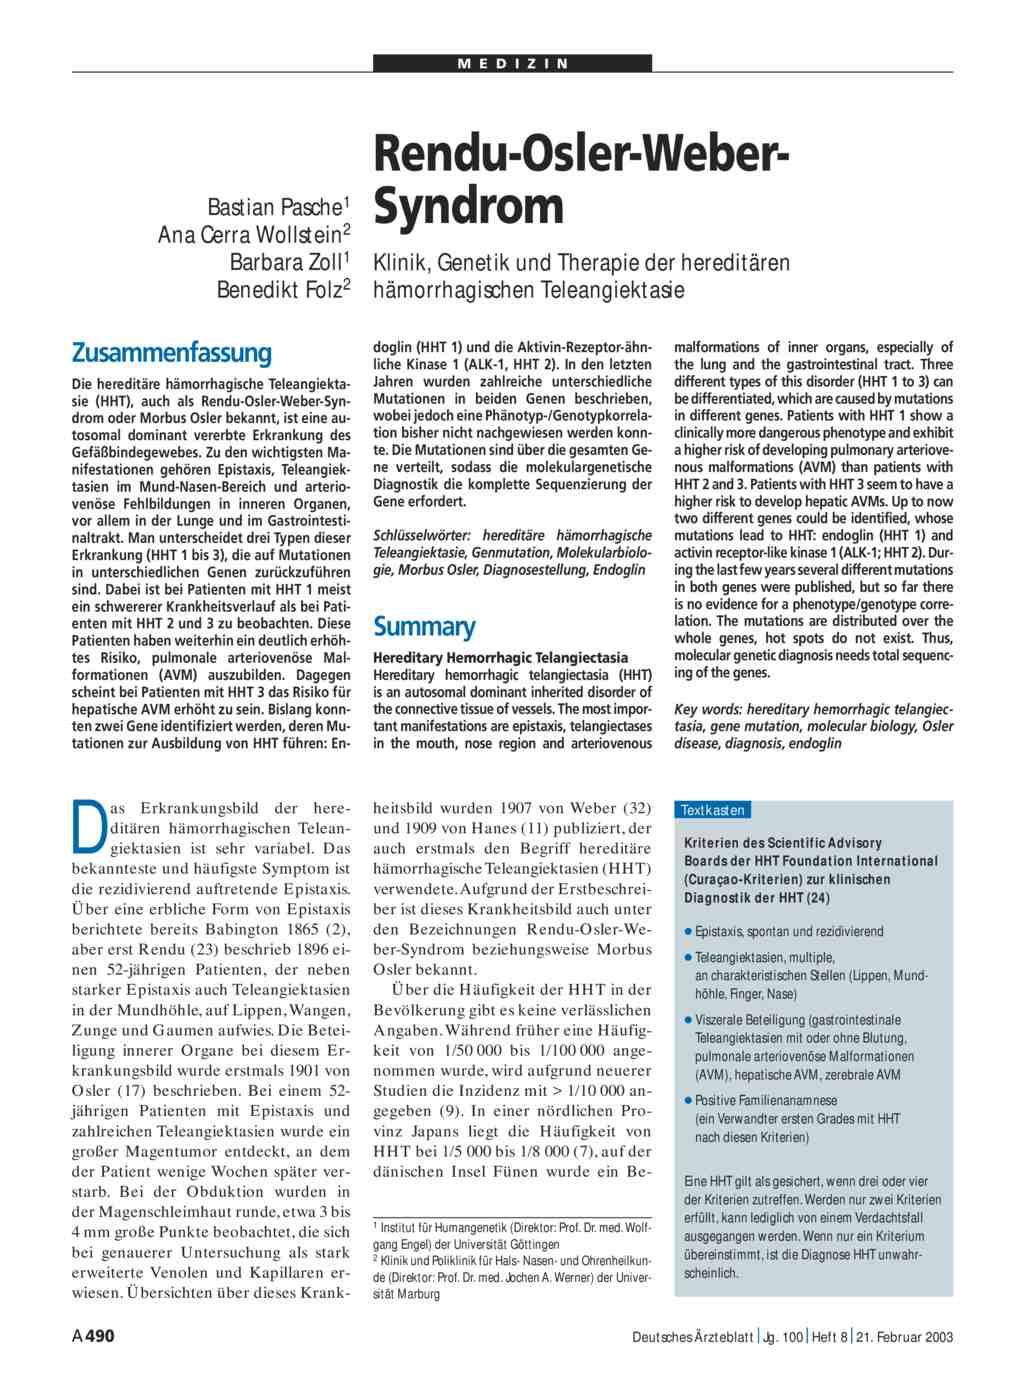 Rendu-Osler-Weber-Syndrom: Klinik, Genetik und Therapie der ...